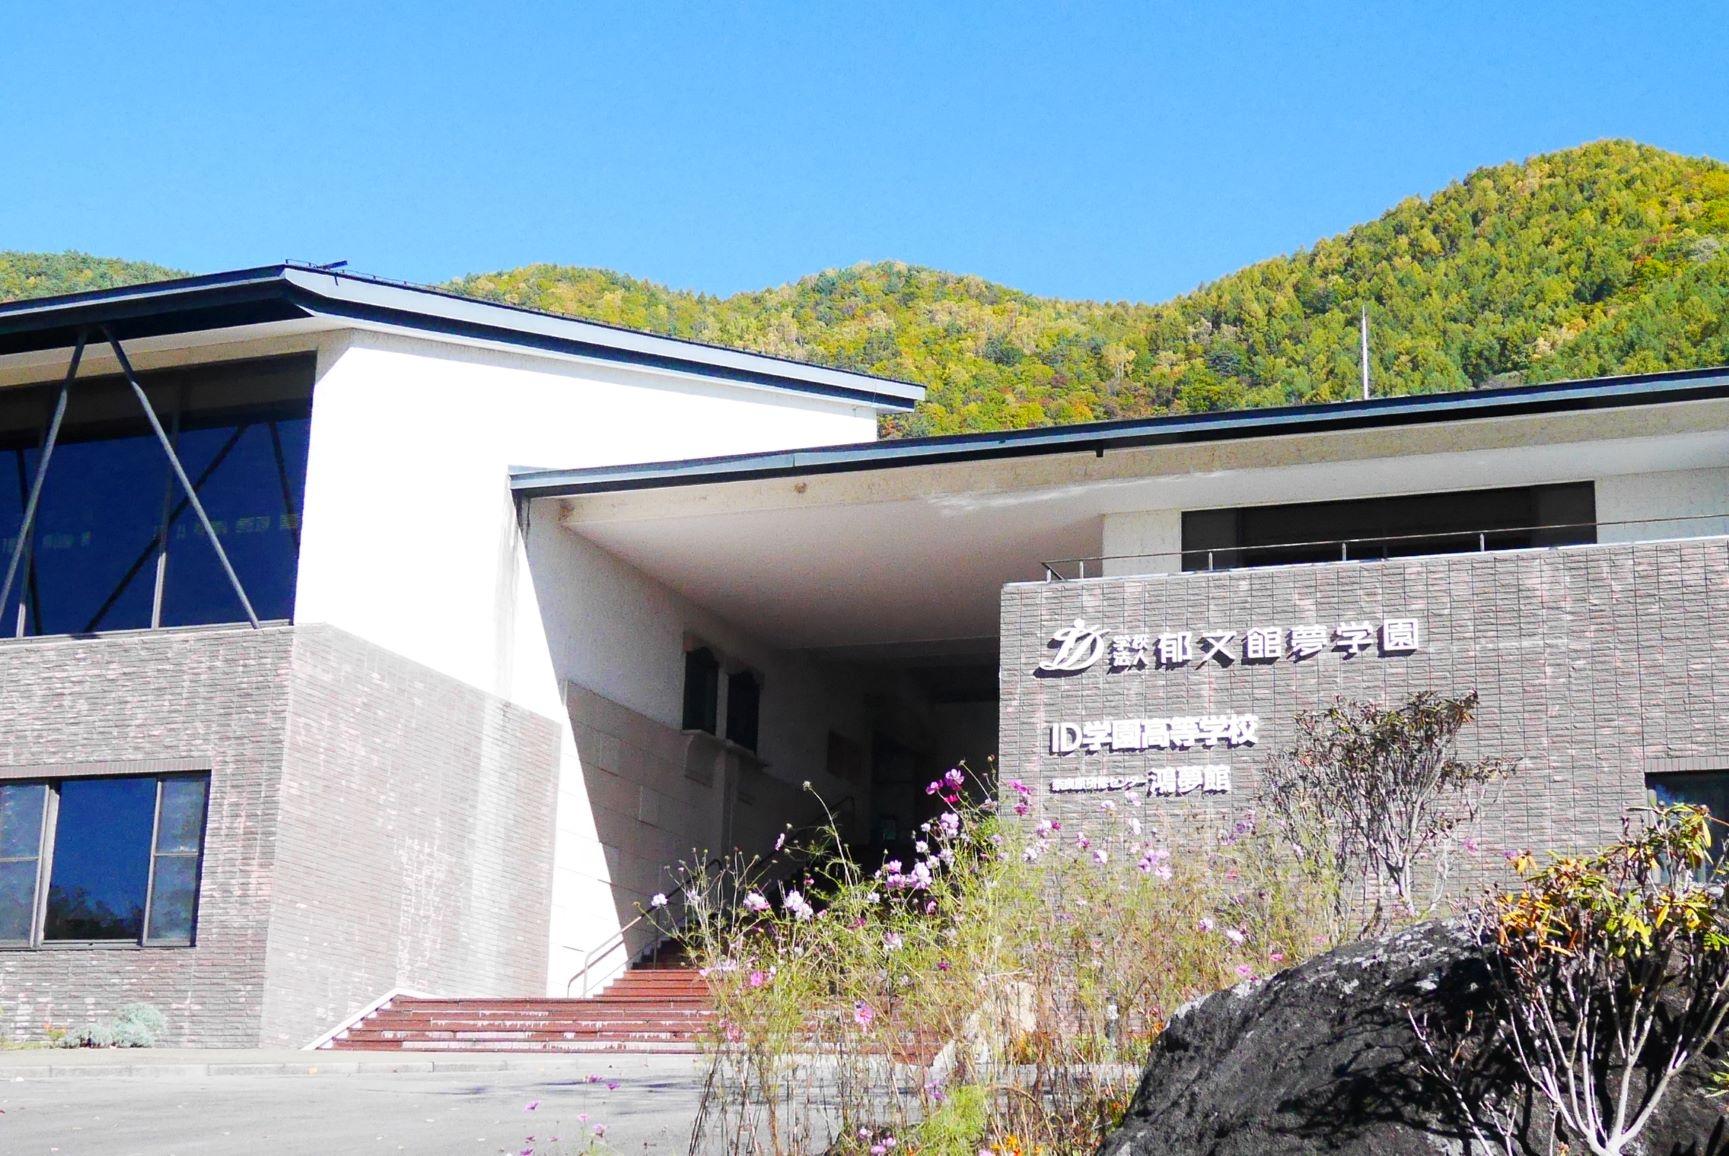 【長野県に誕生】東京で130年全日制の高校を運営する学校法人が作った新しい通信制高校ID学園高等学校 4月21日 開校式 開催